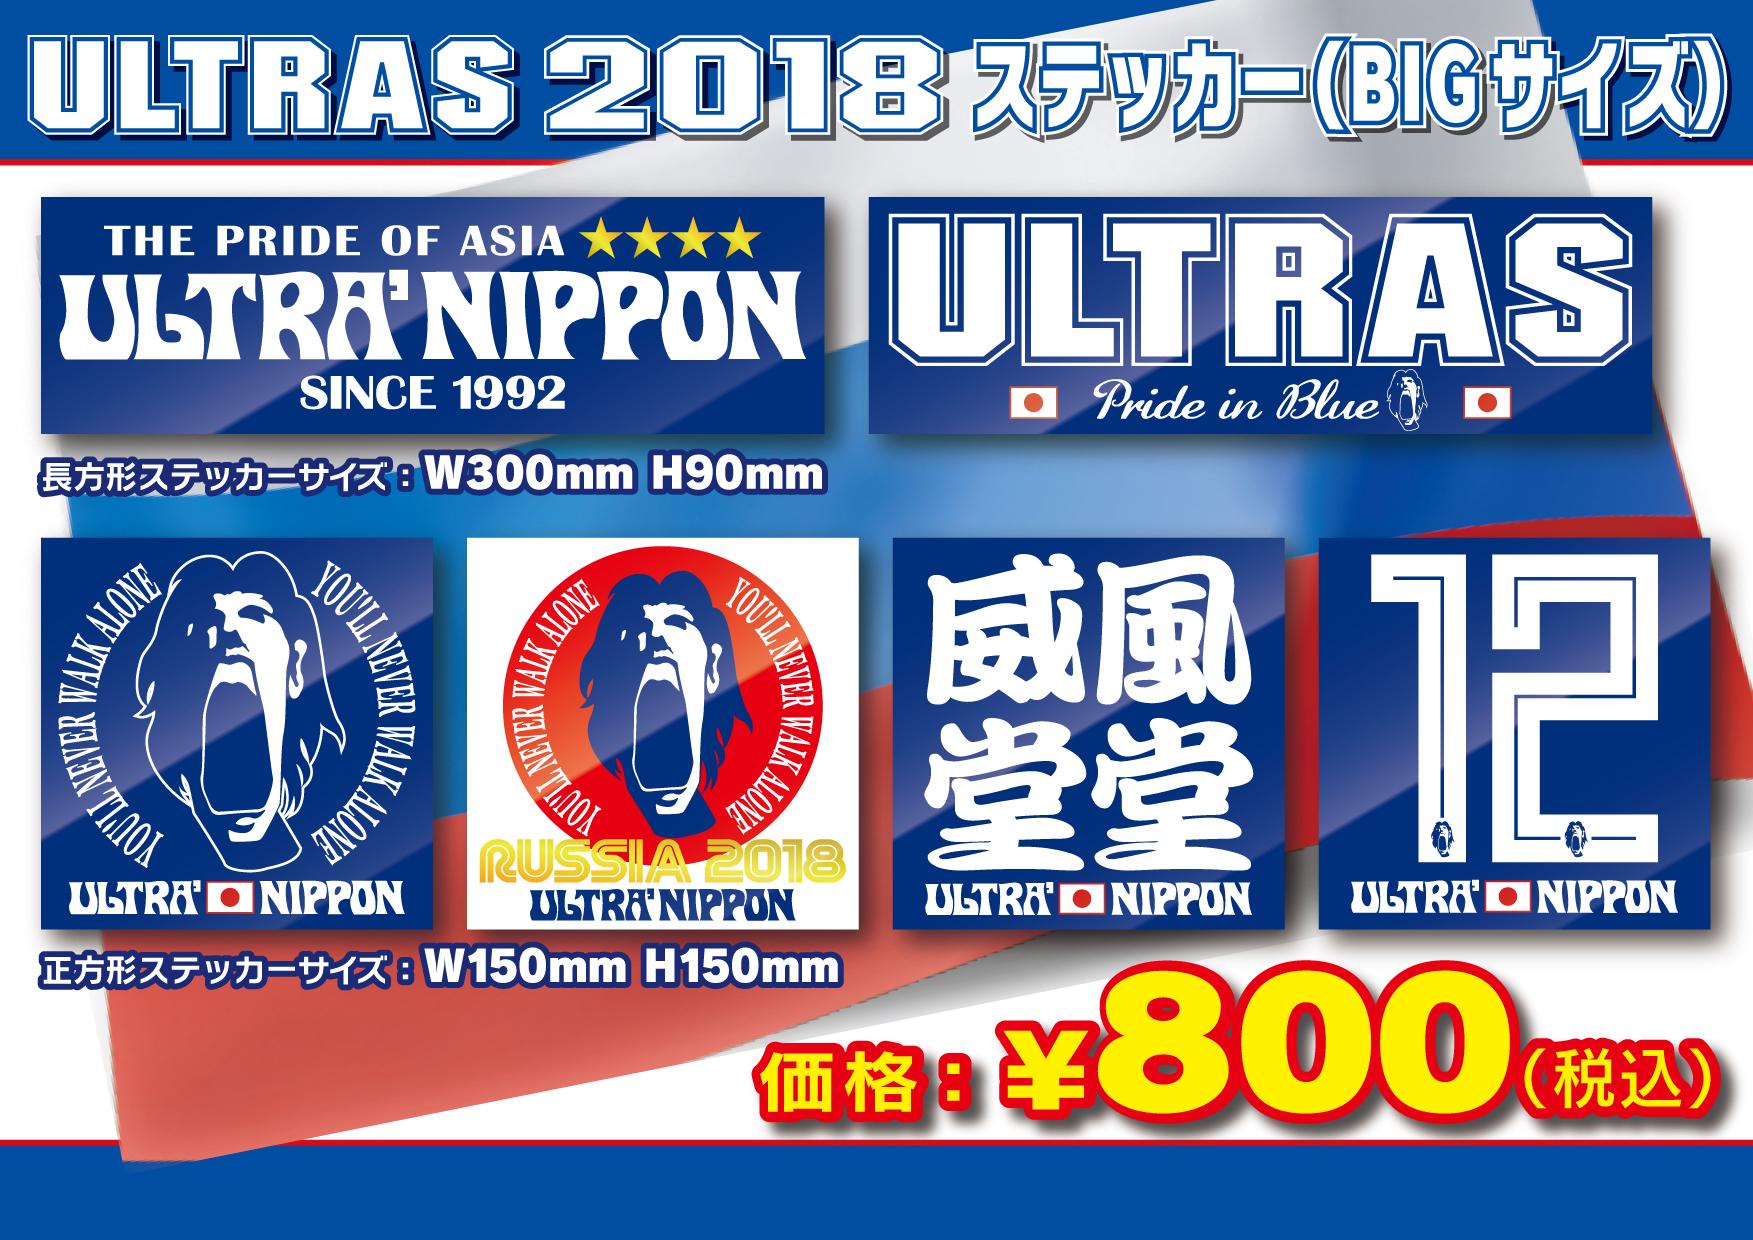 【メール便発送可】ULTRAS2018 ステッカー(BIGサイズ)